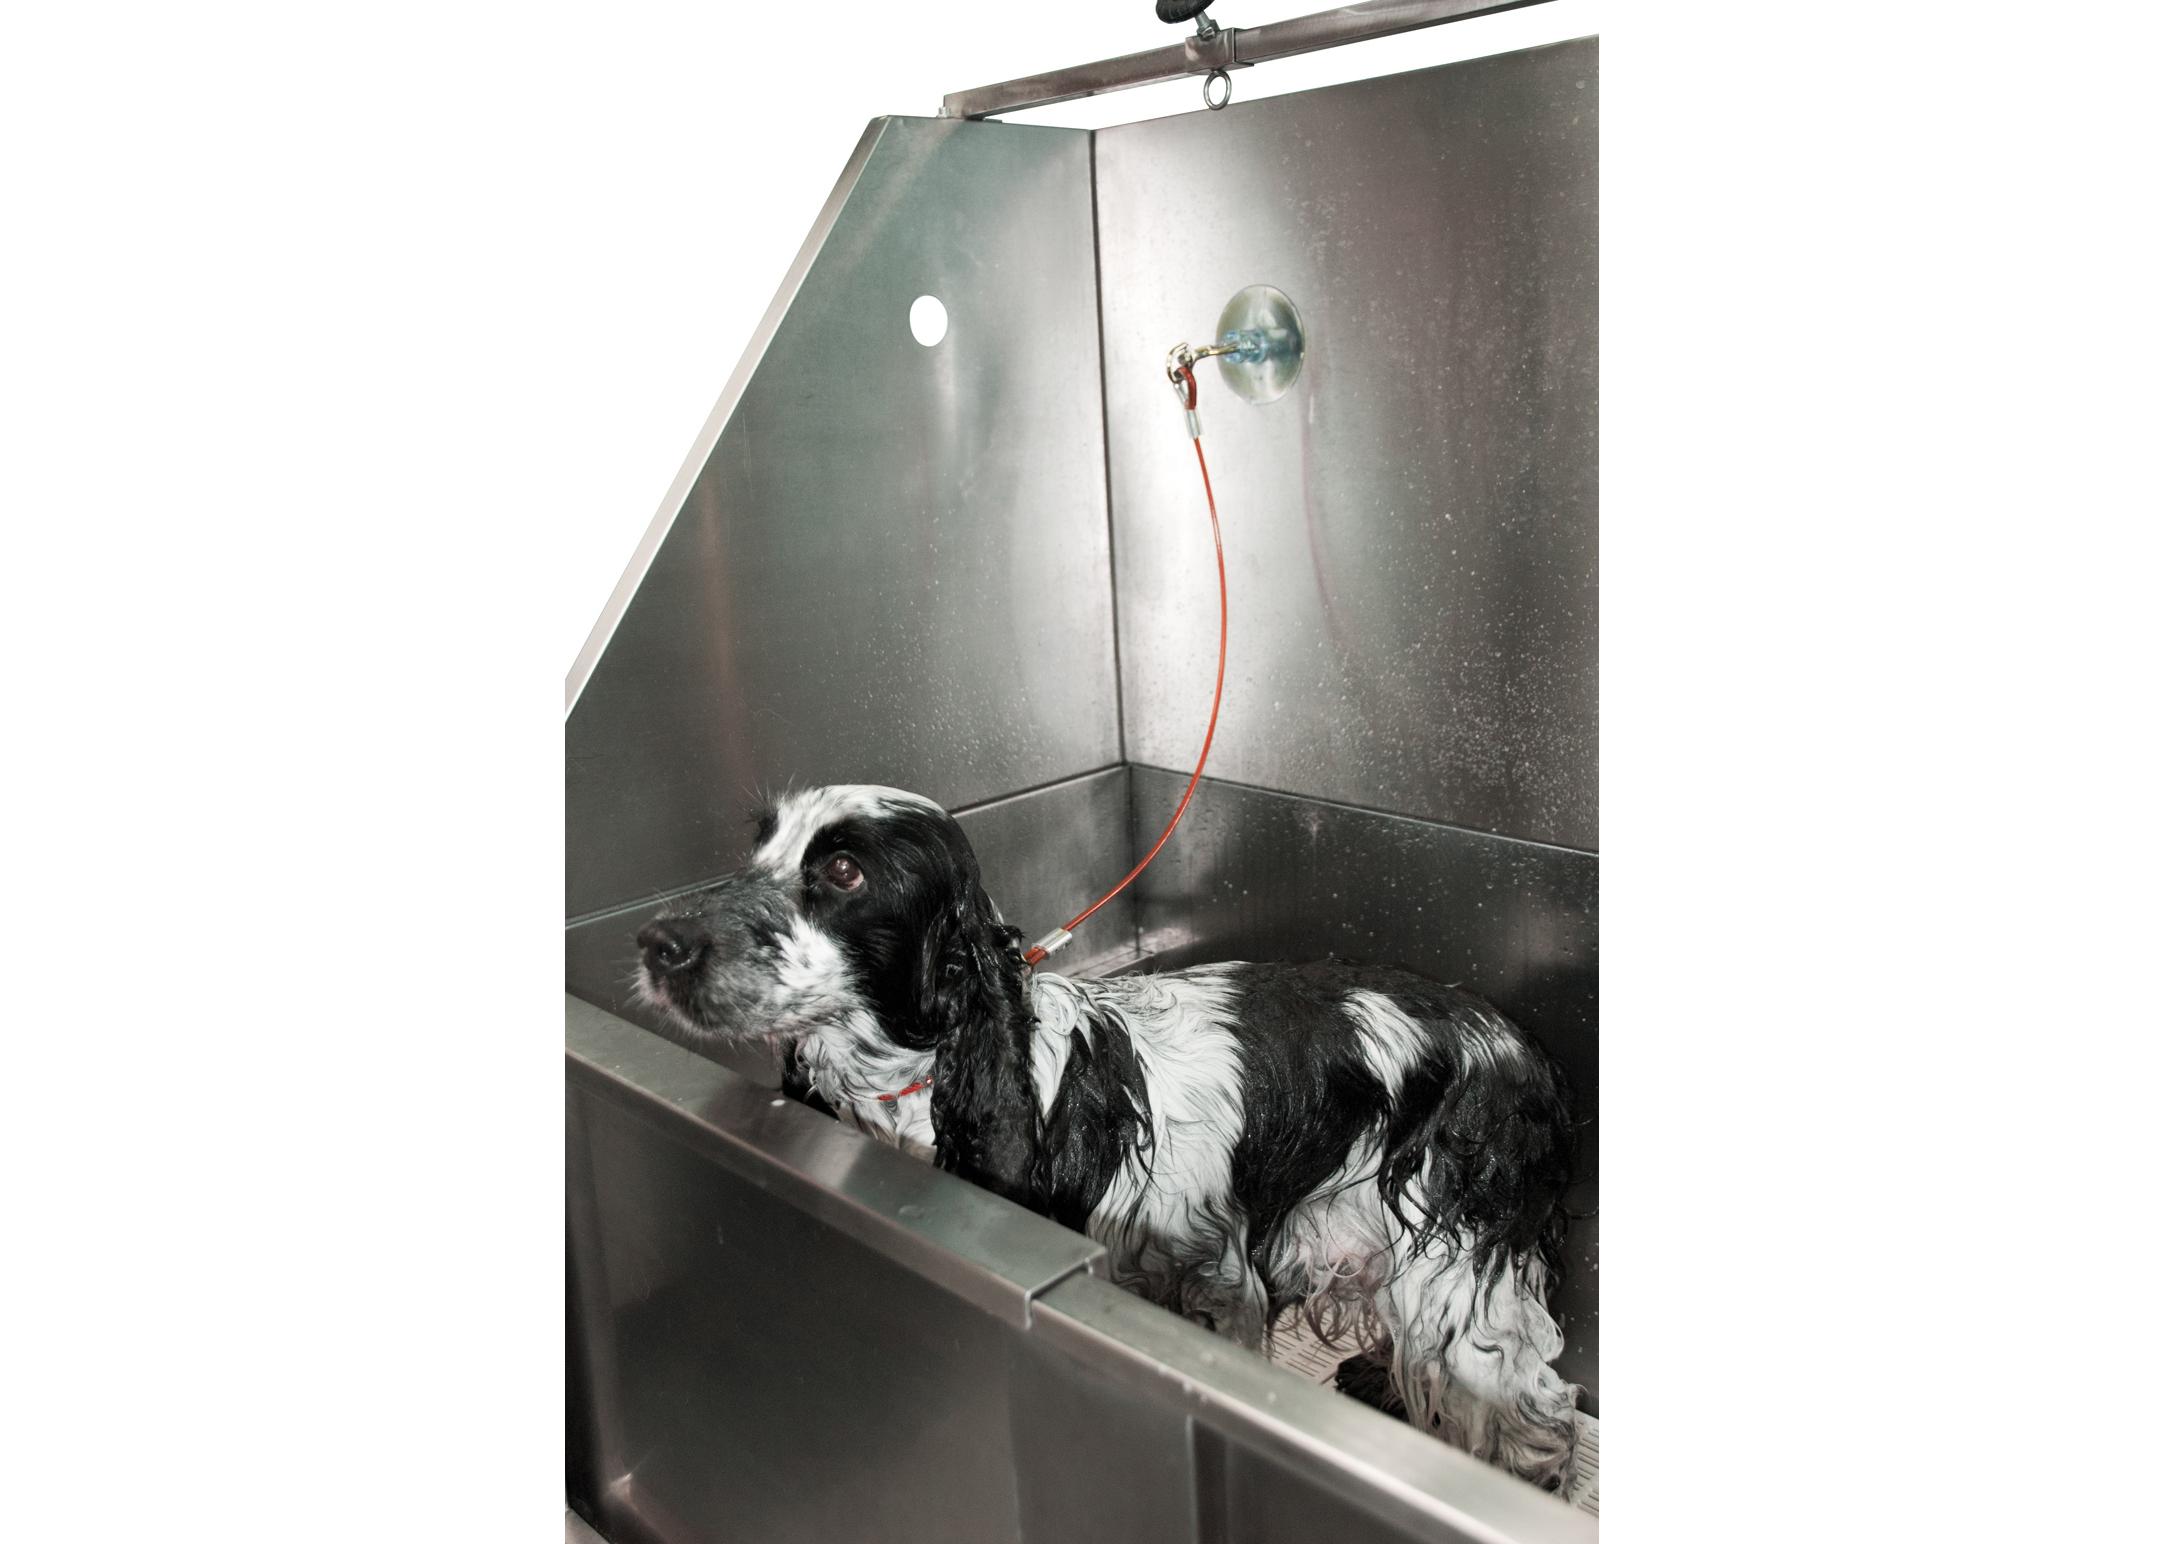 Groom-X Cable de bain avec ventouses